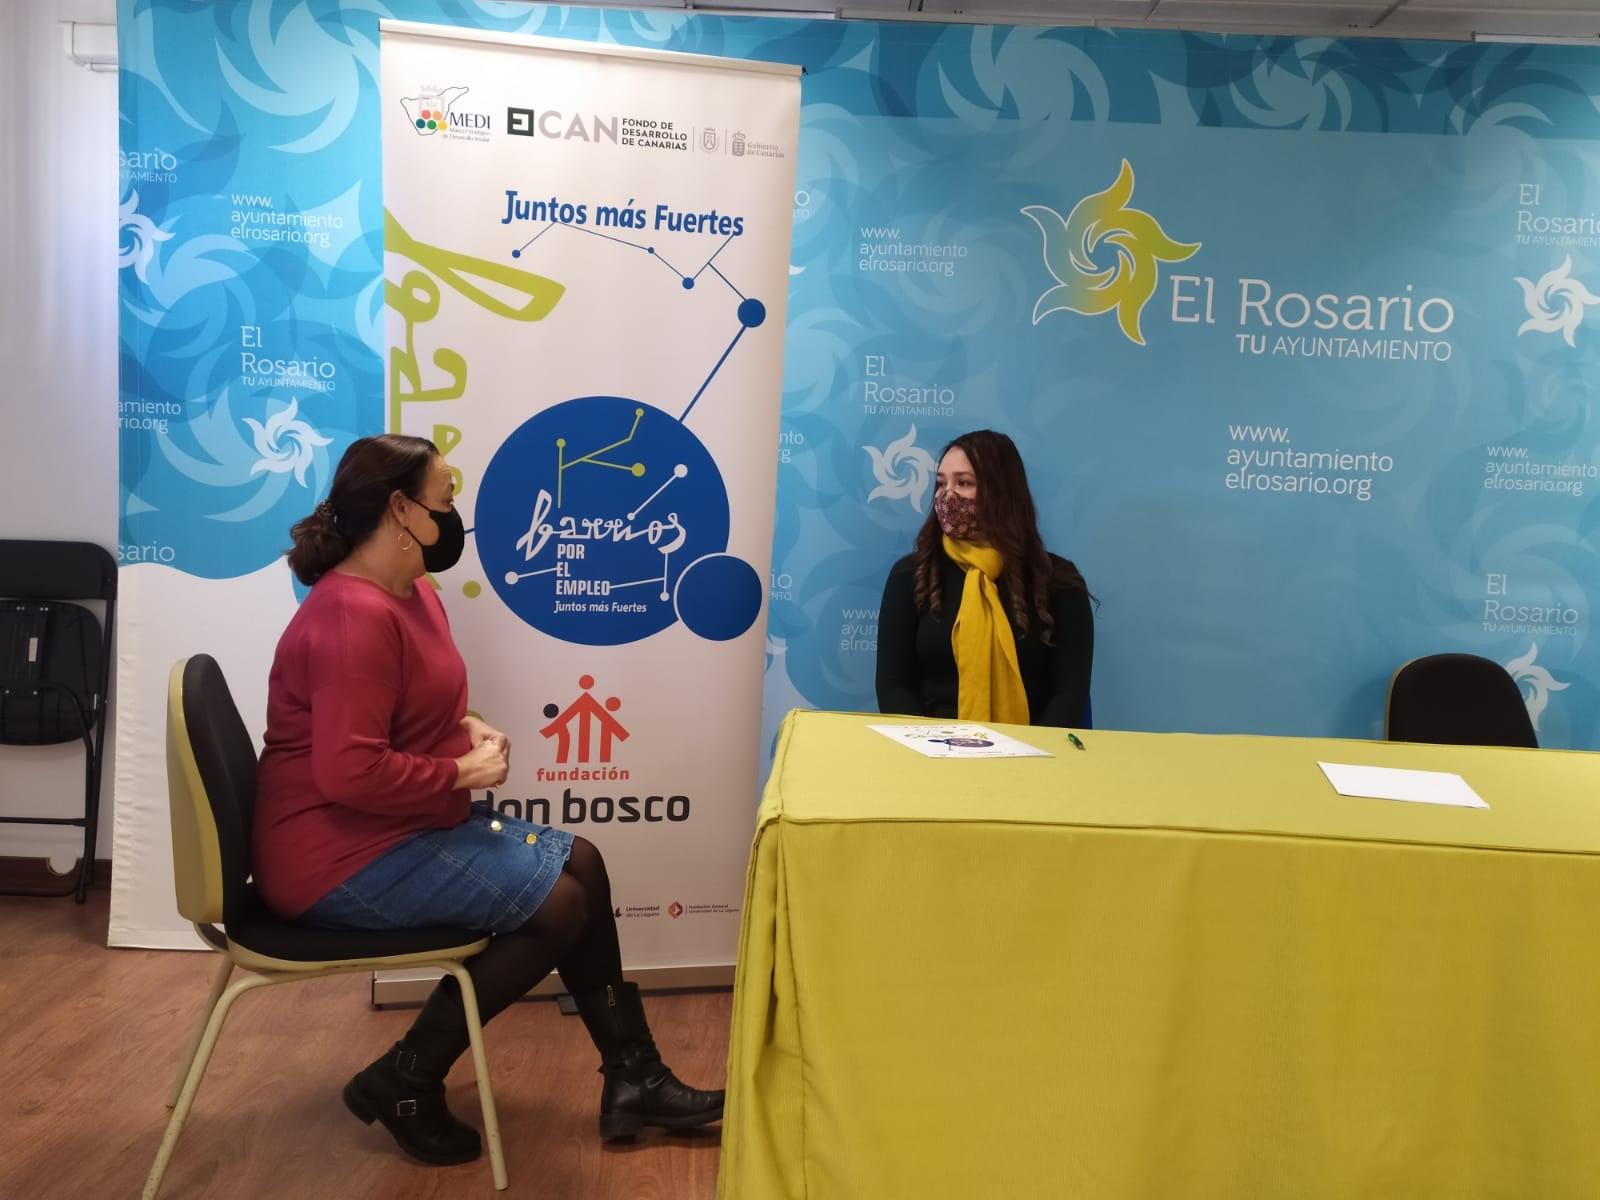 María Gabriela es atendida en La Esperanza por la orientadora de Barrios por el Empleo: Juntos más Fuertes